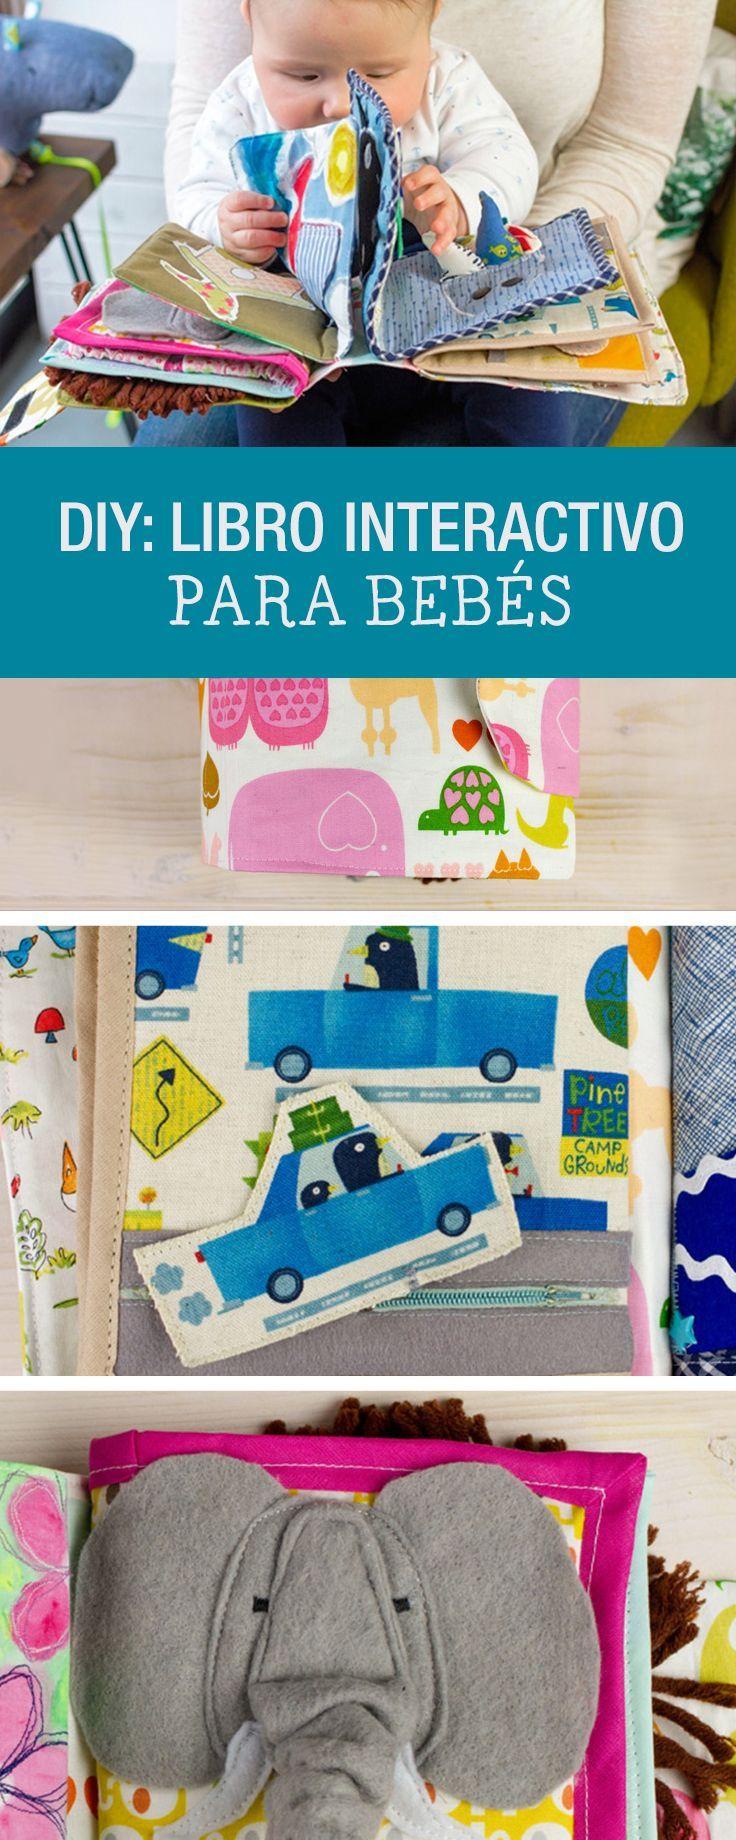 17 mejores ideas sobre libros para beb s en pinterest for Piscina bolas minibe